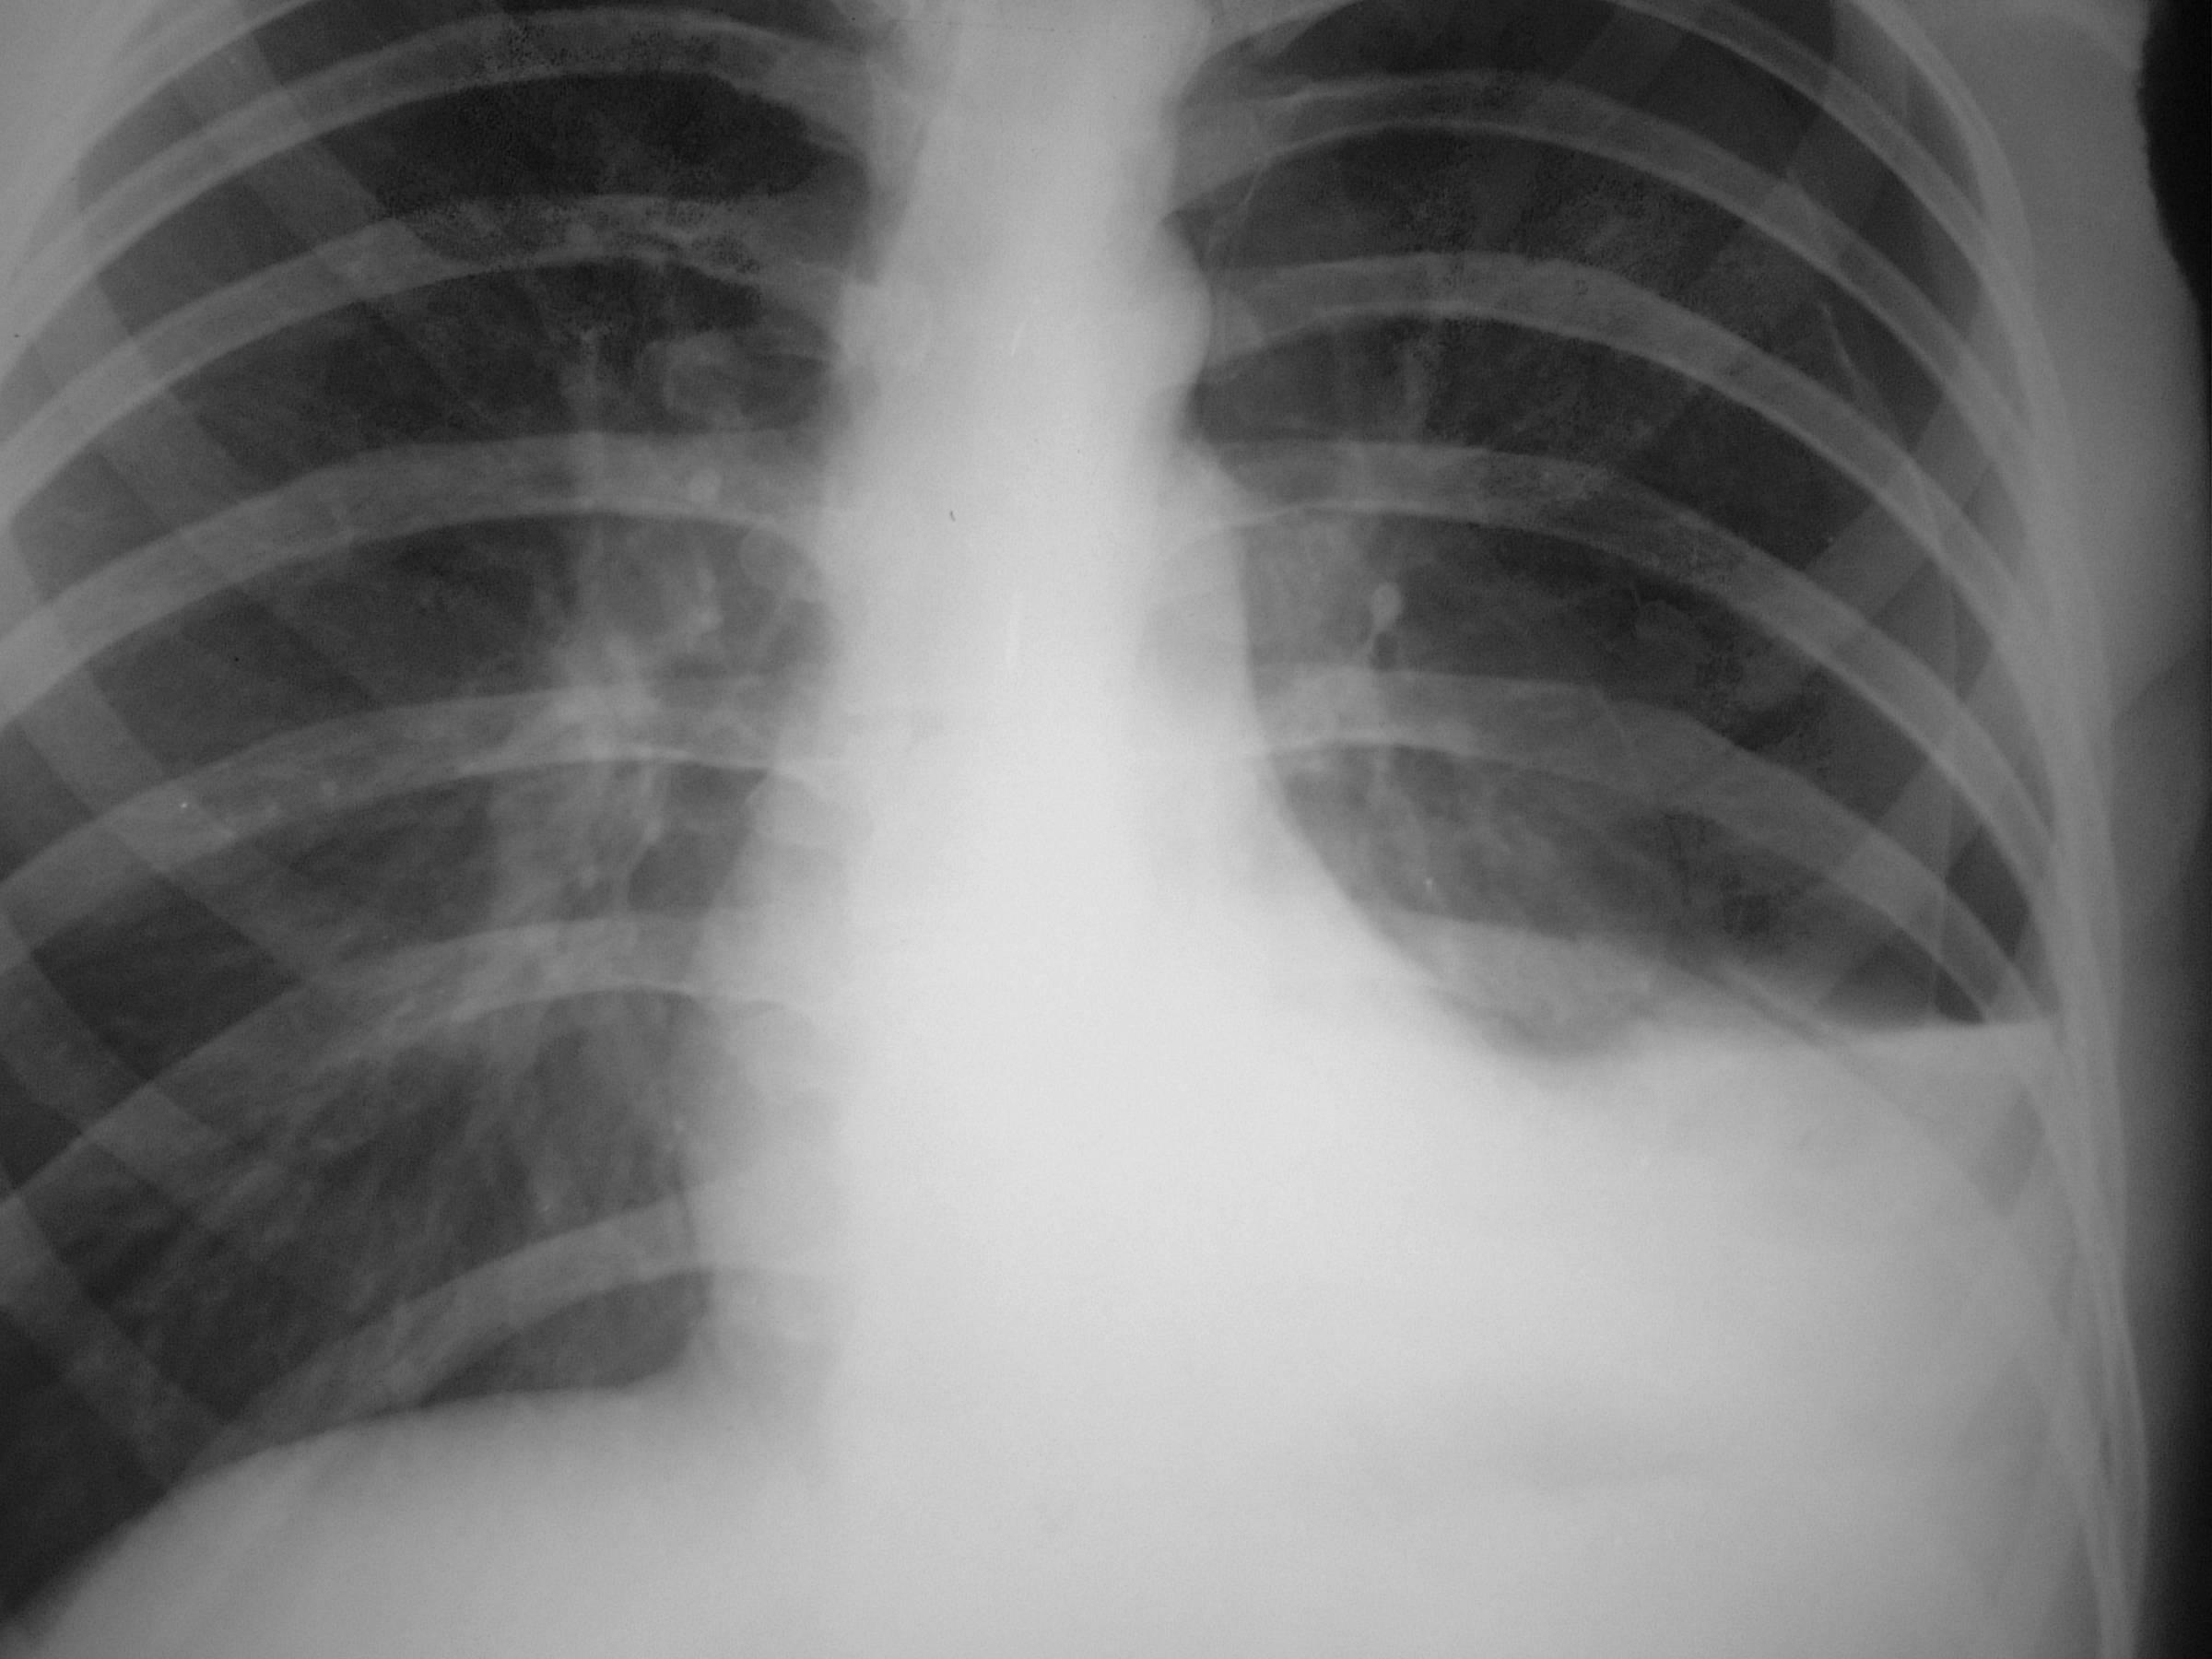 hydropneumothorax  u2013 cxr